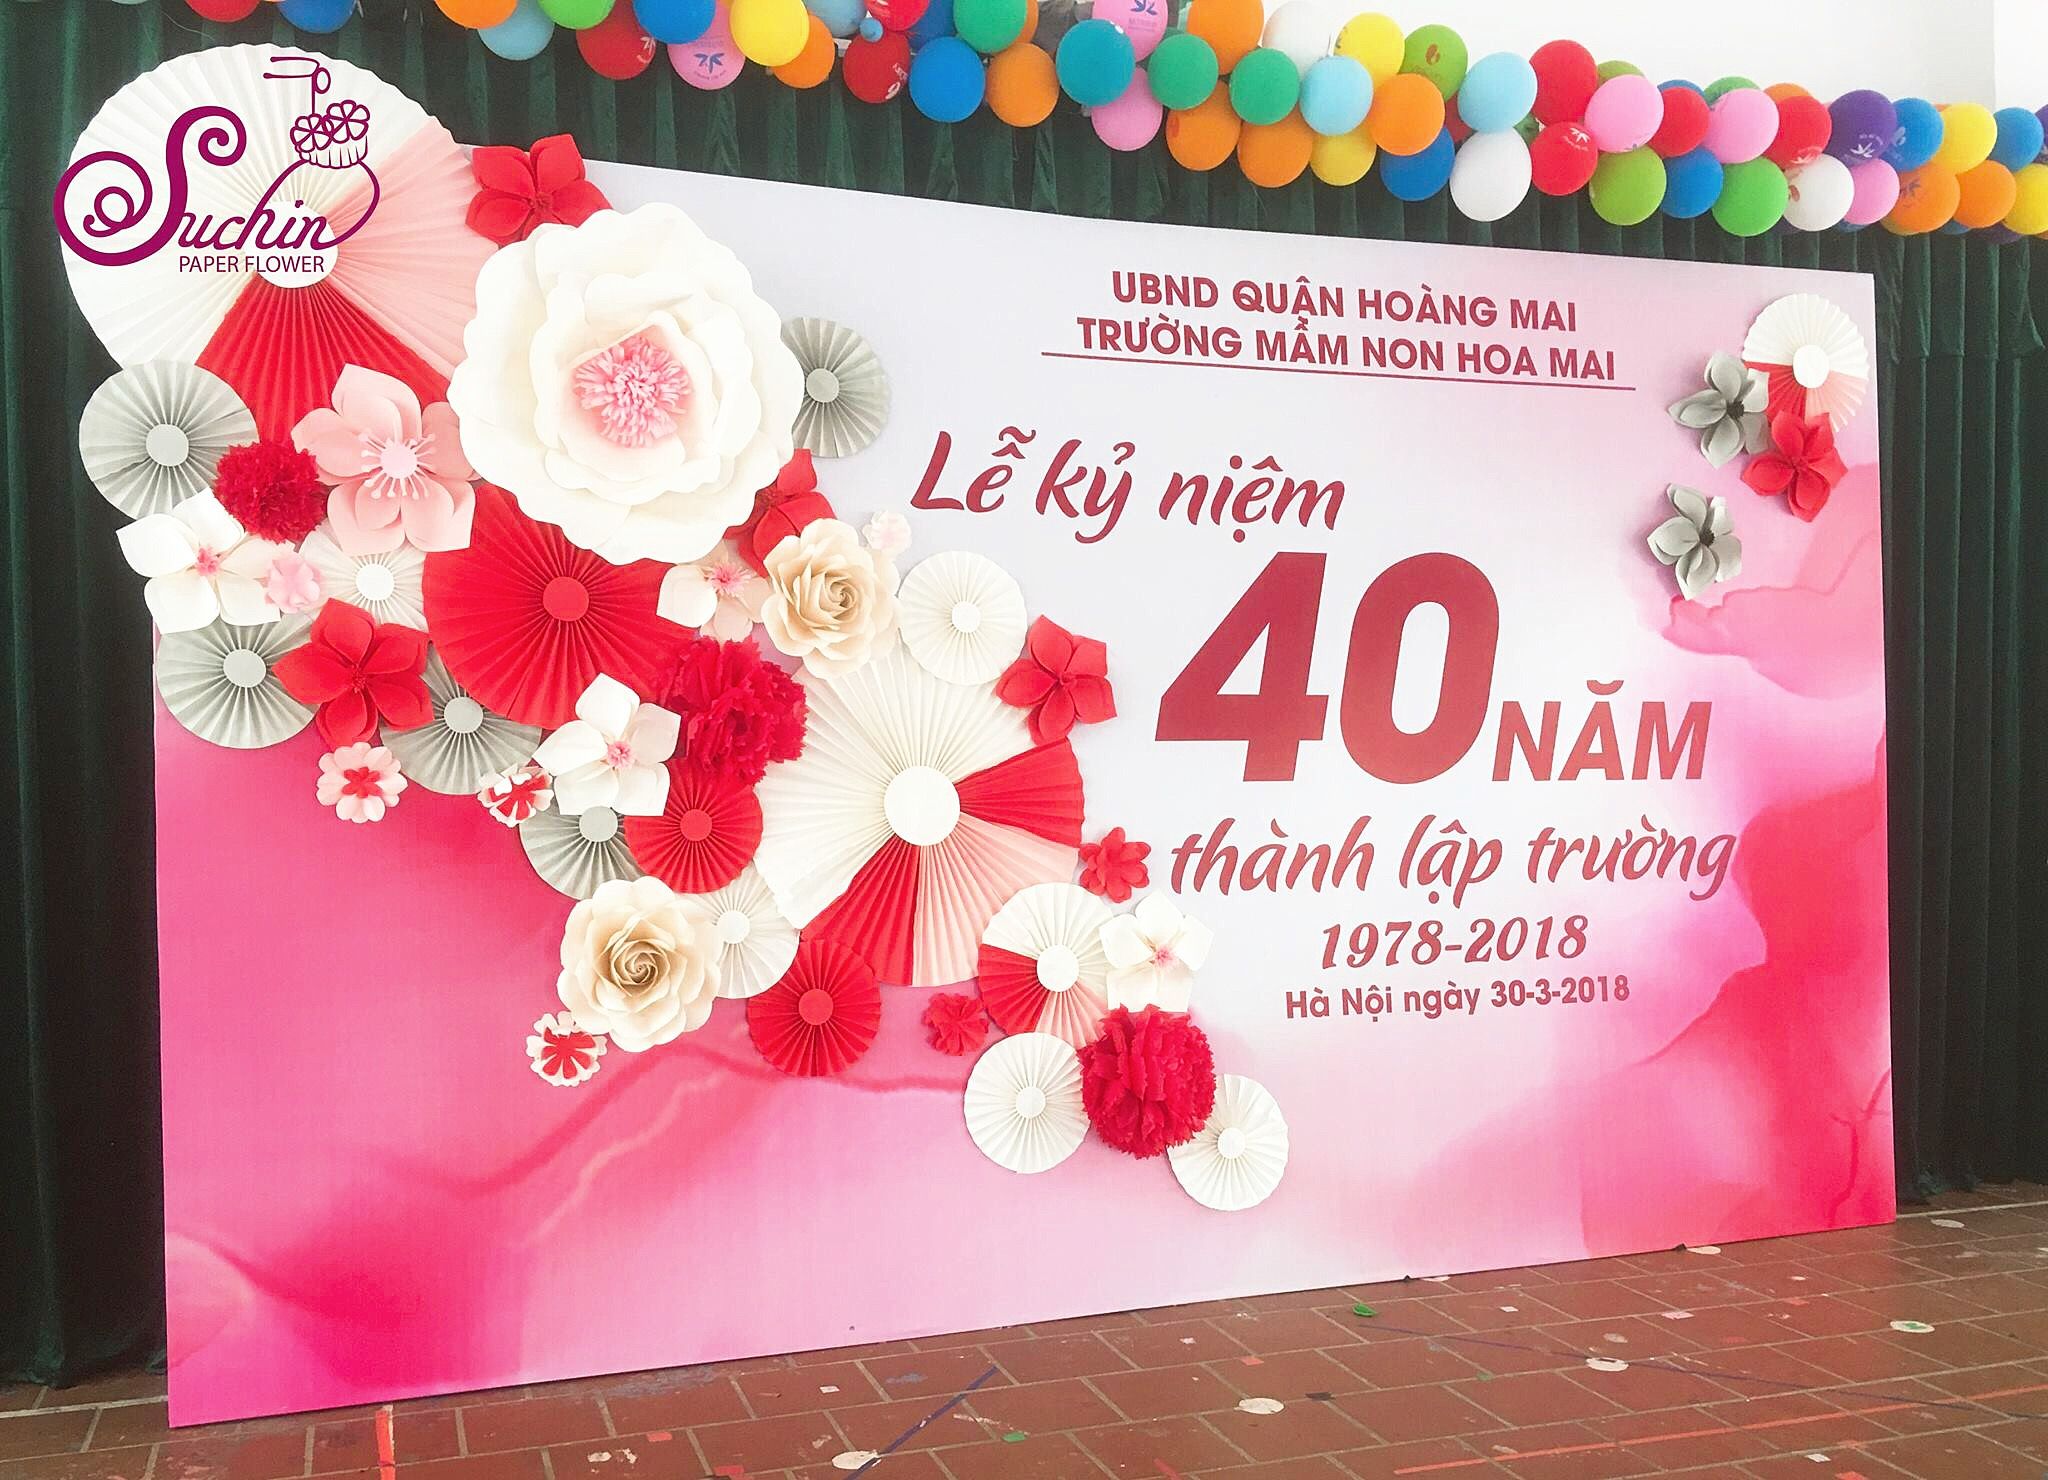 Backdrop hoa giấy trang trí trường mầm non Hoa Mai